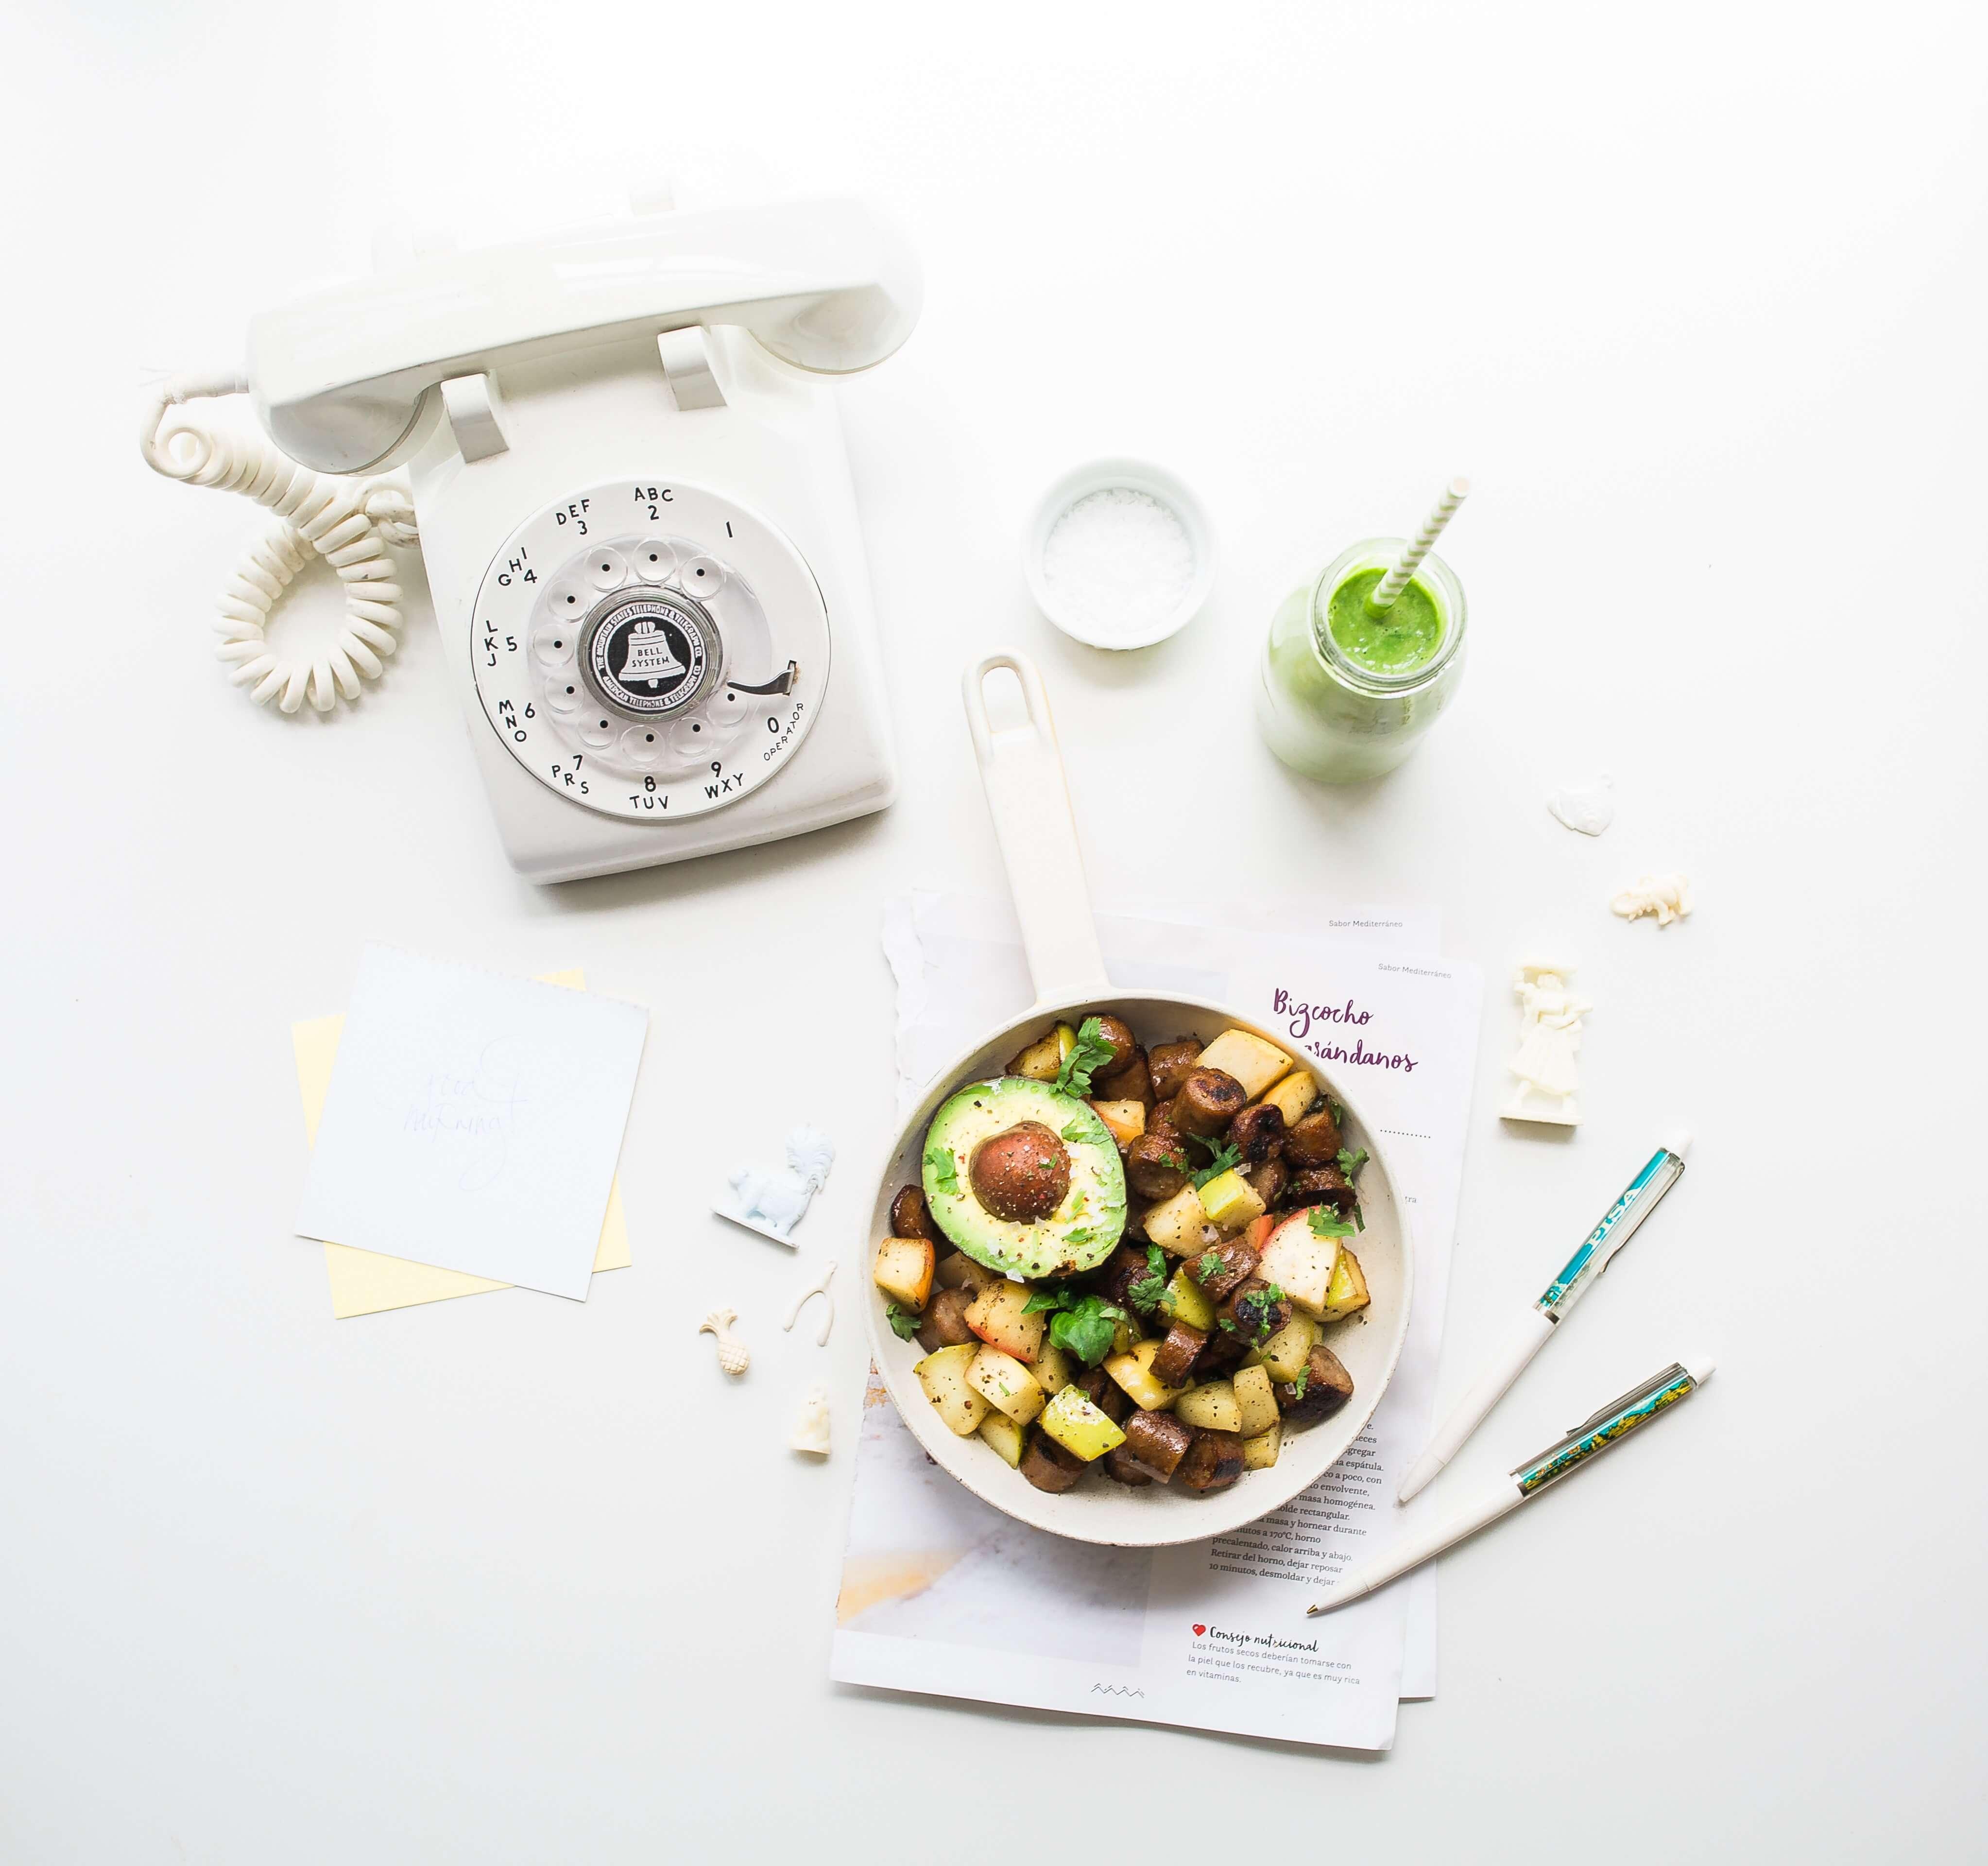 Ощелачивание организма - основные принципы питания Екатерины Йенсен